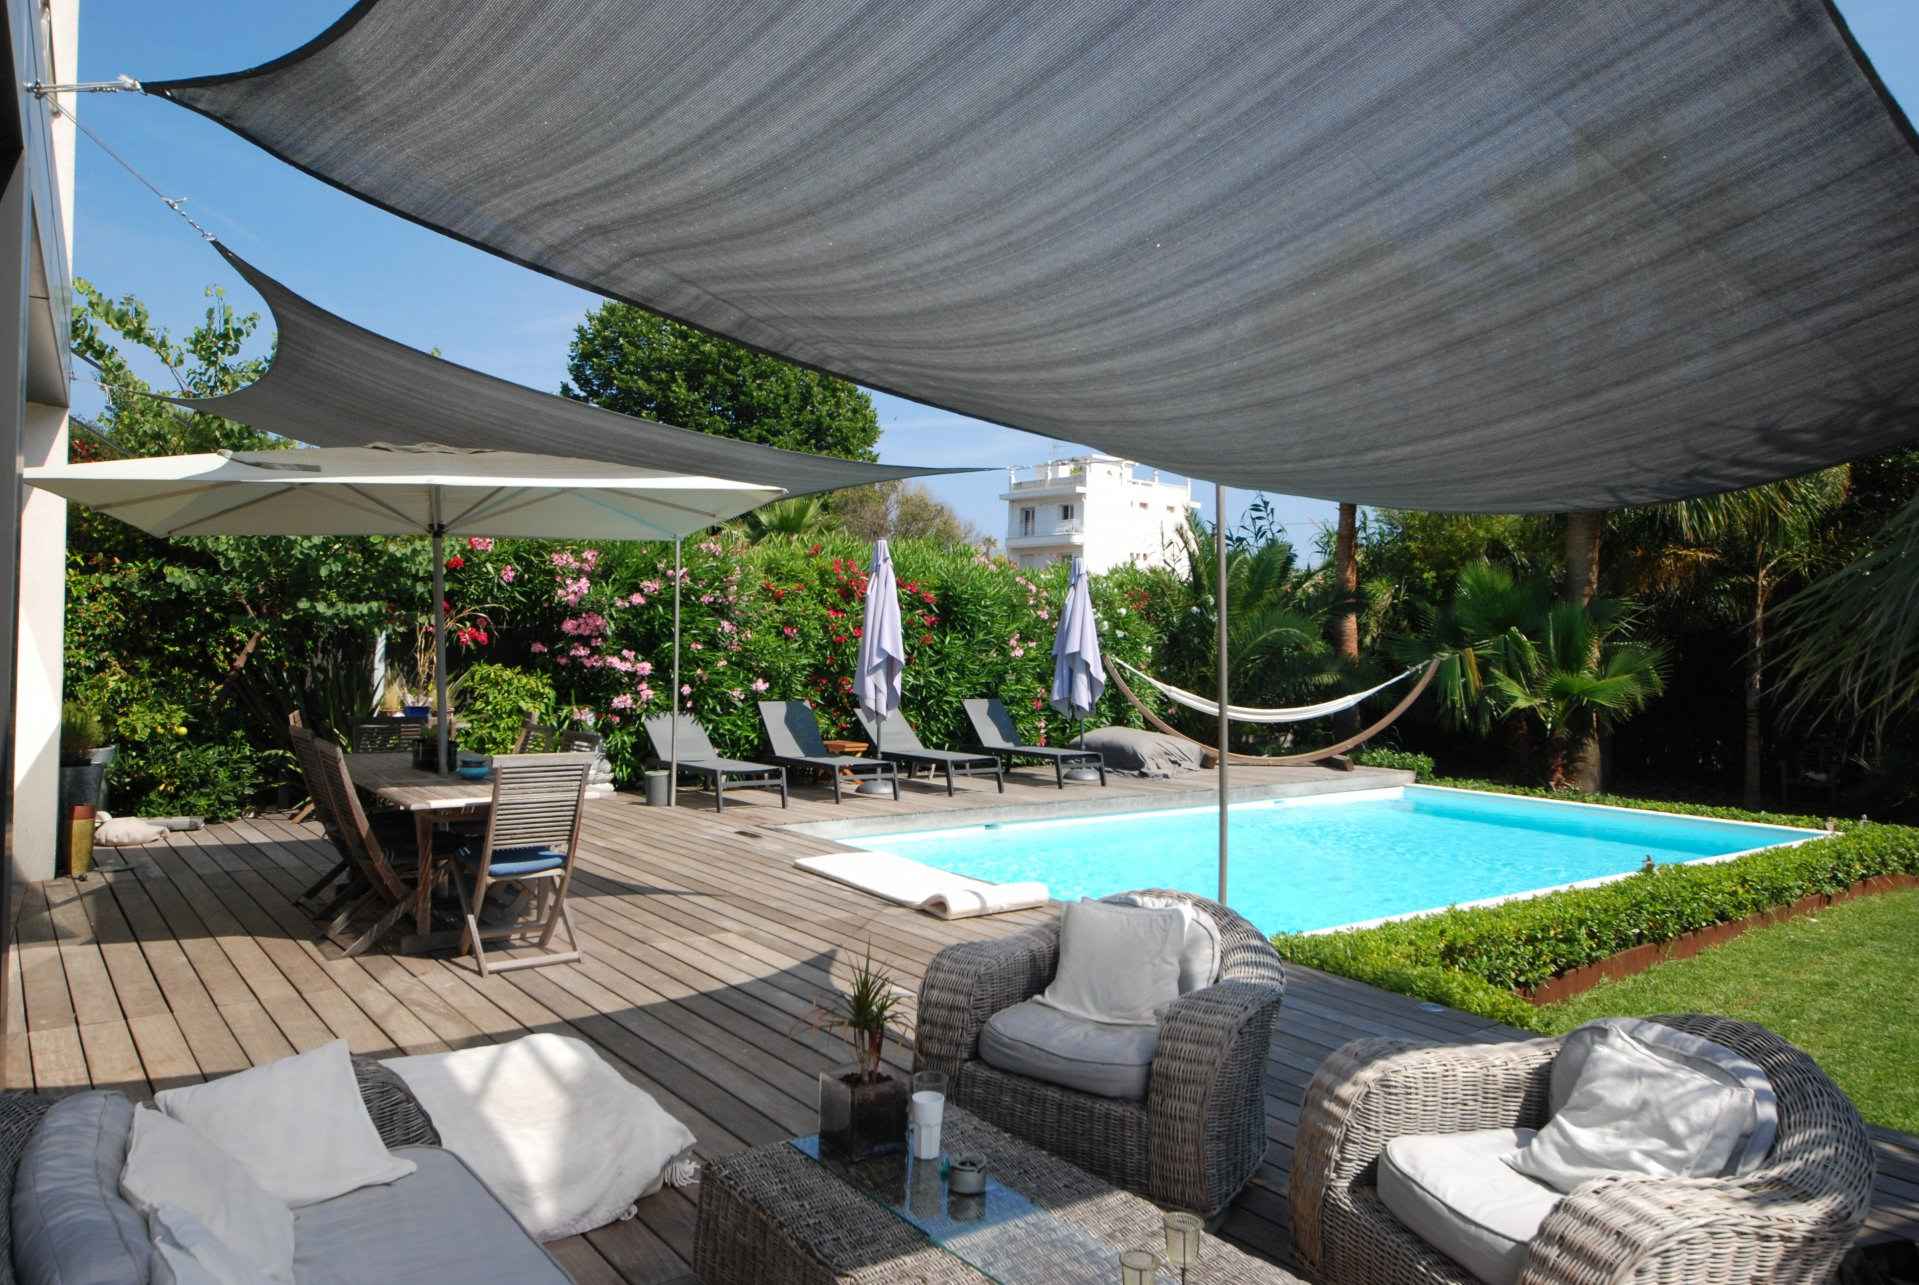 location congrès maison  4 chambres piscine et jardin proche centre de Cannes